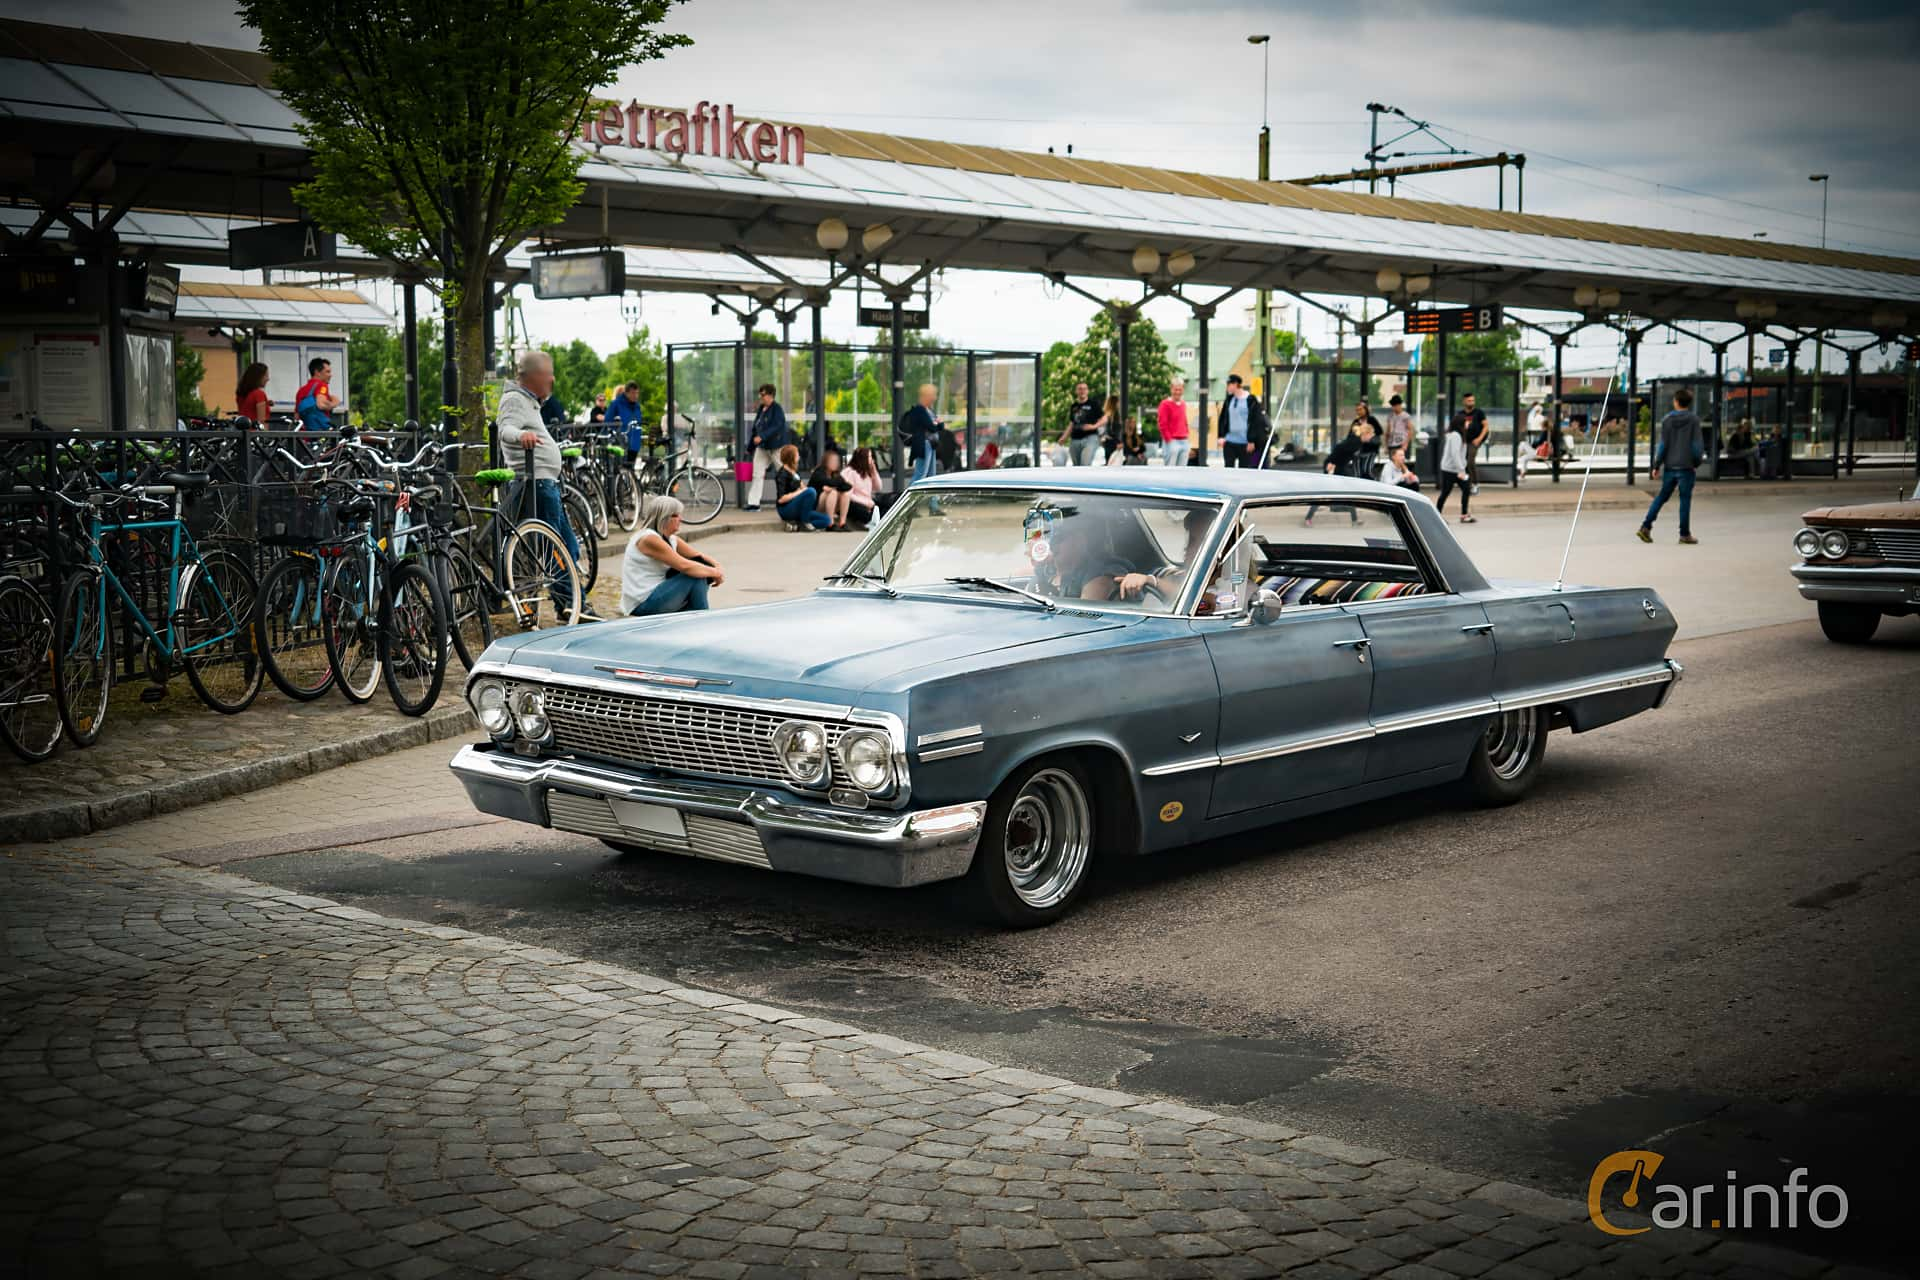 Chevrolet Impala Sport Sedan 4.6 V8 Powerglide, 198hp, 1963 at Hässleholm Power Start of Summer Meet 2016